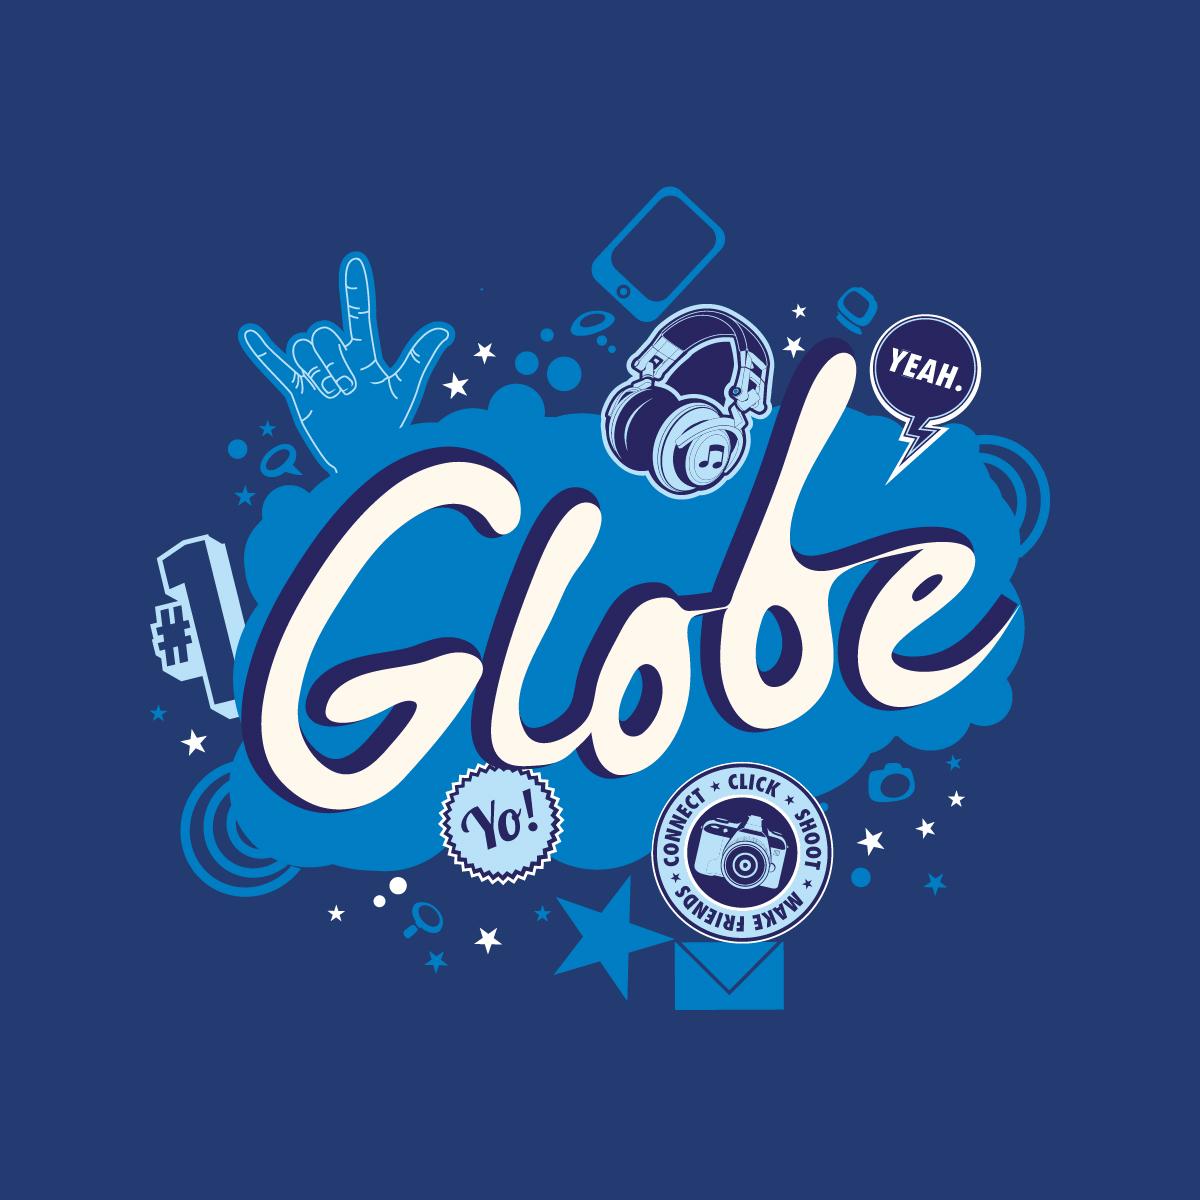 GLOBE_merch-01